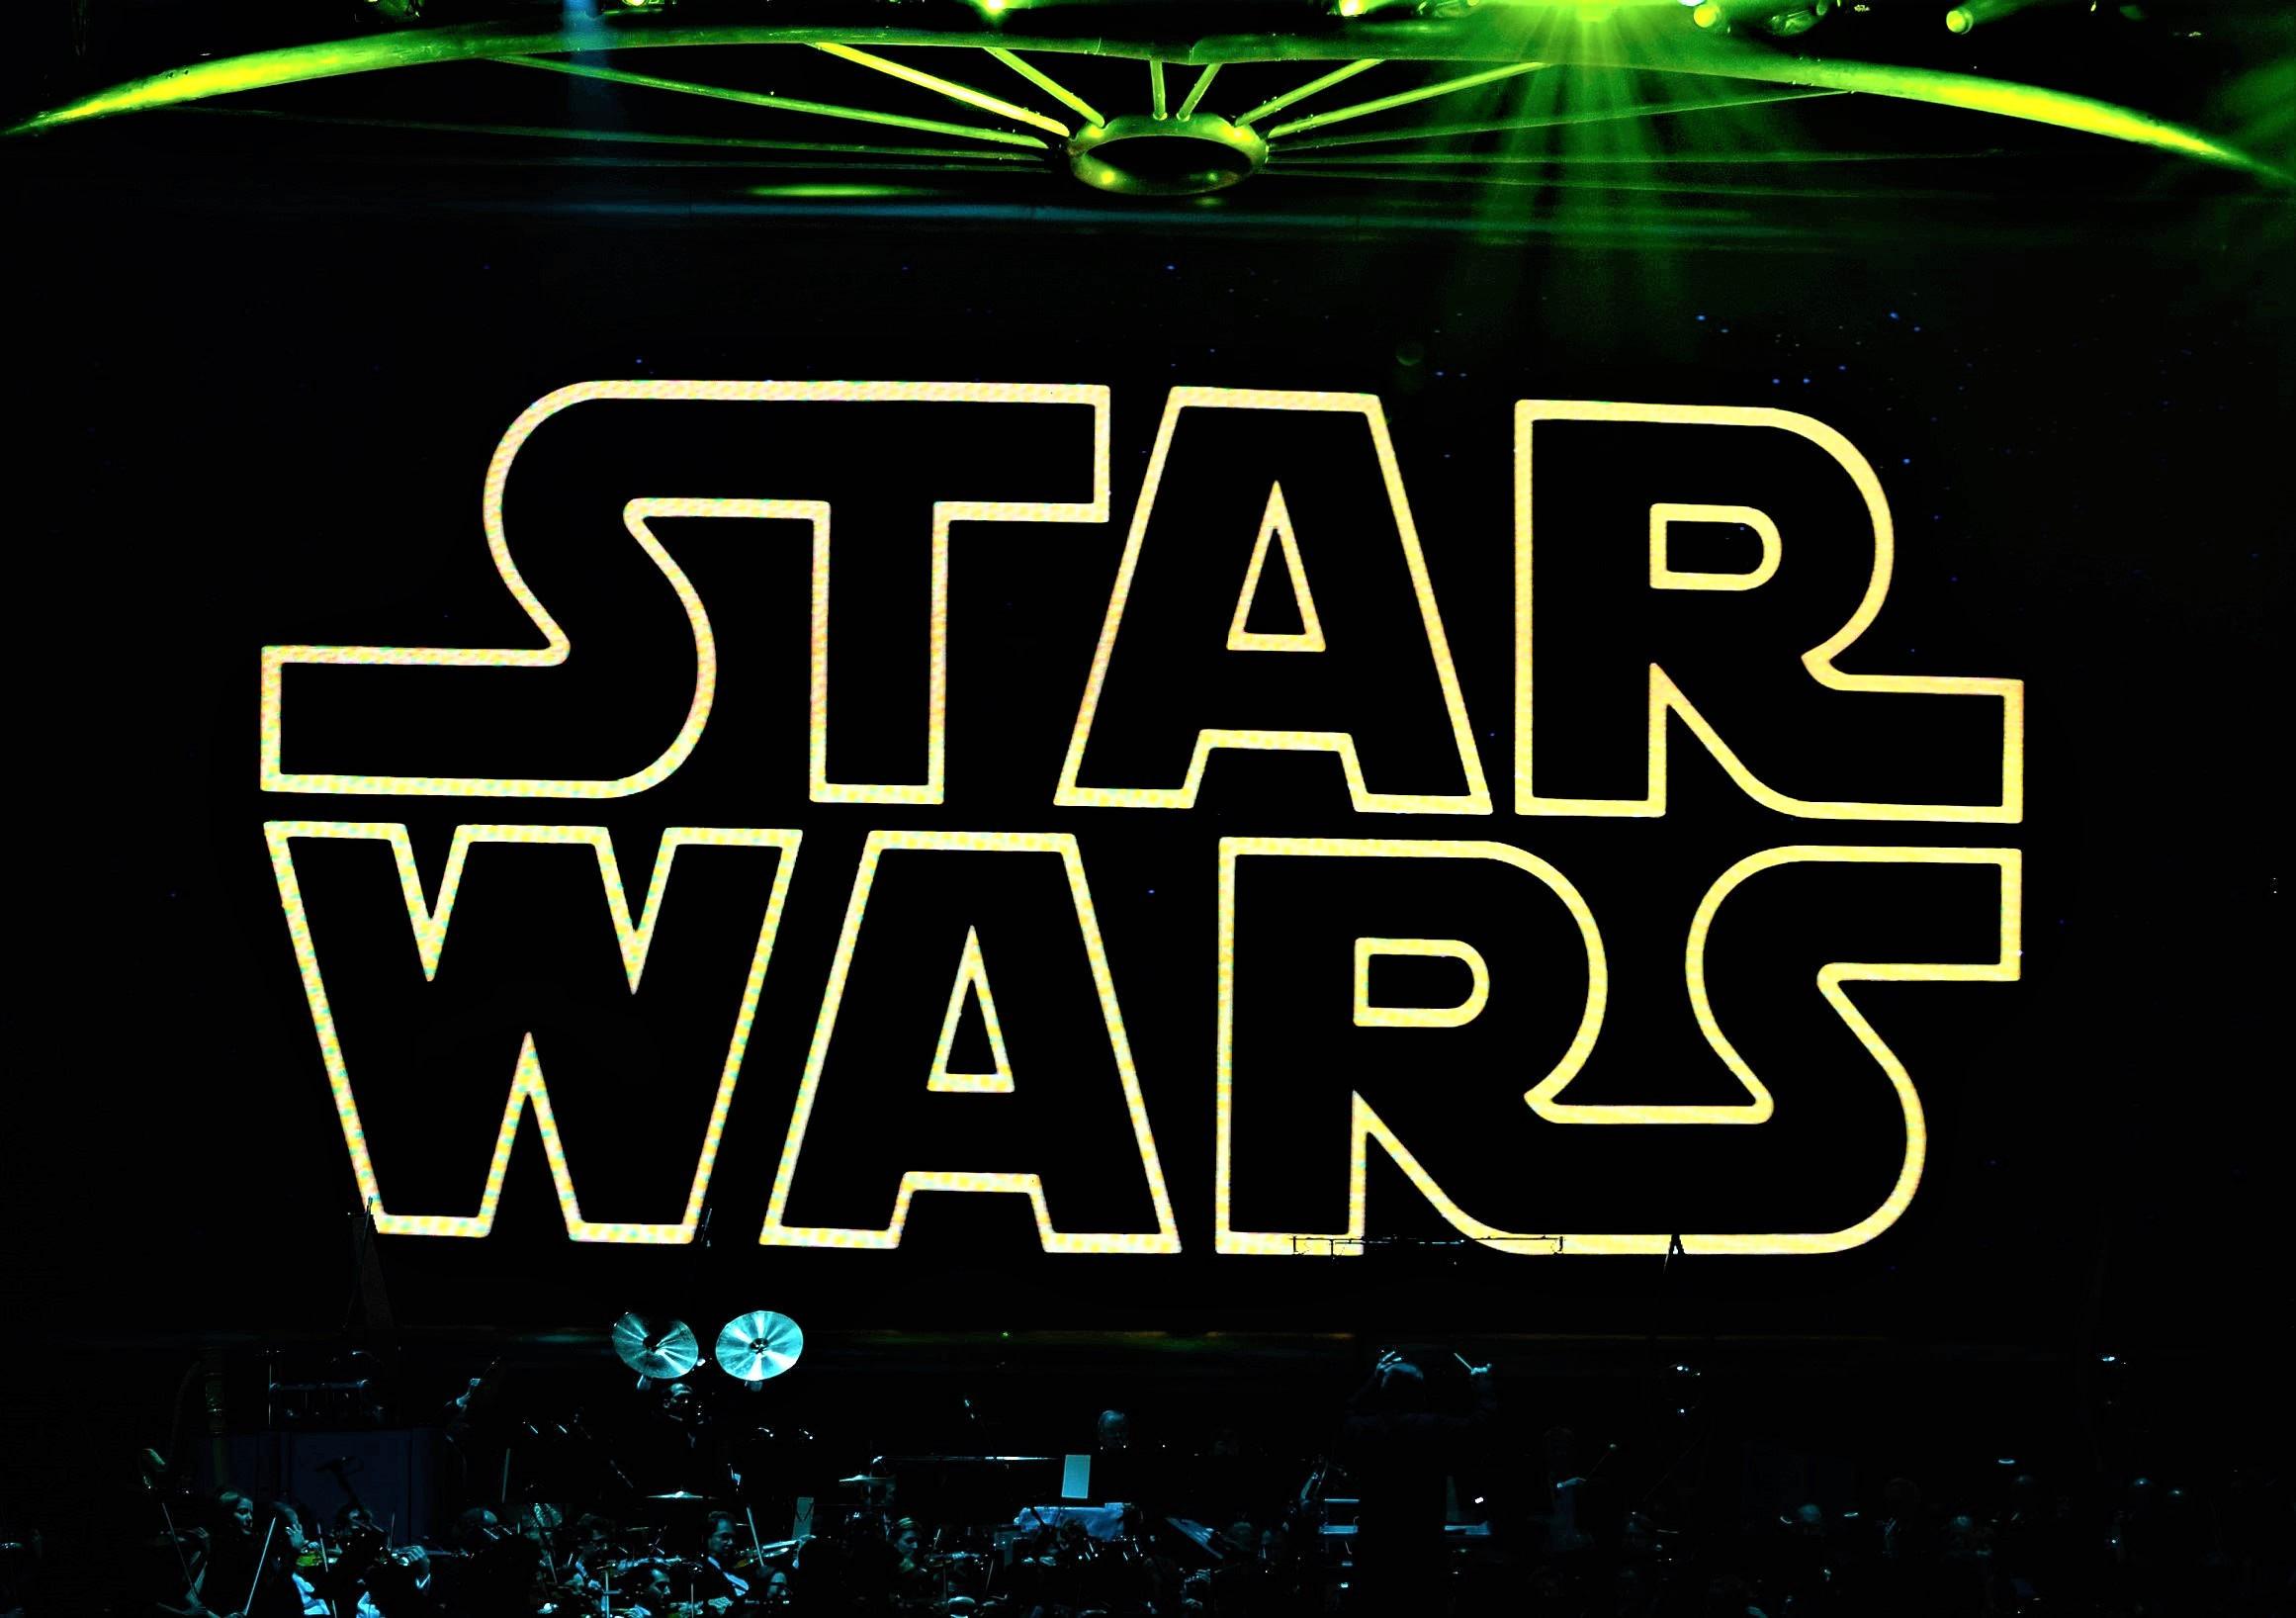 Império Disney: conheça todas as empresas do grupo no mundo!